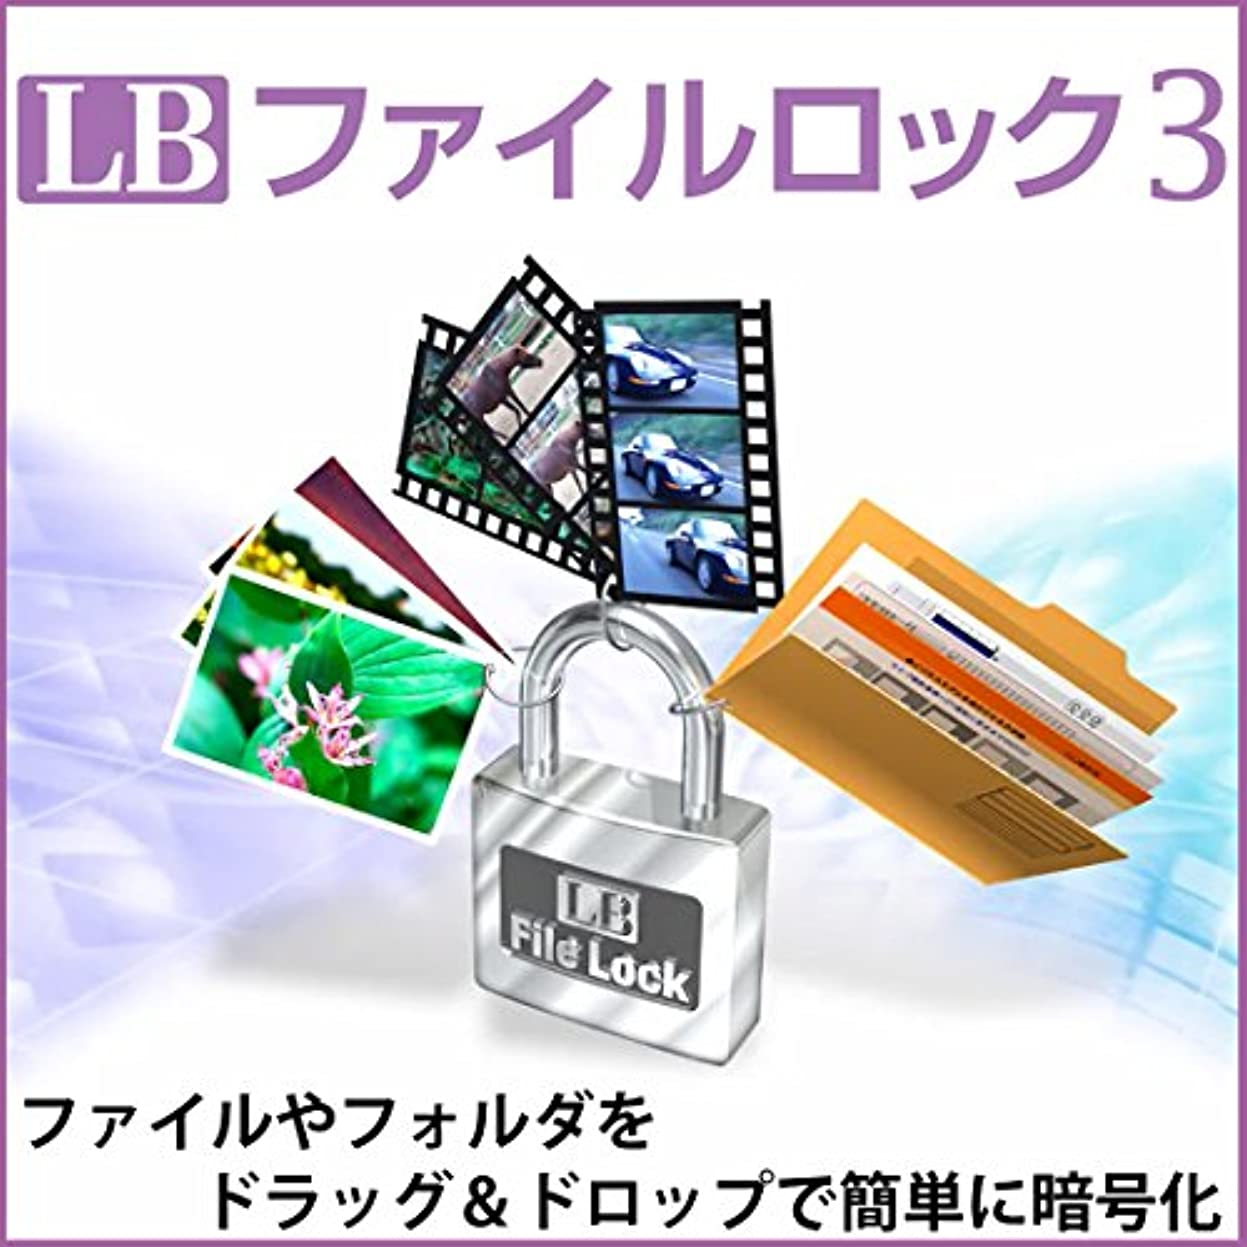 エーカー専門球状LB ファイルロック3|ダウンロード版